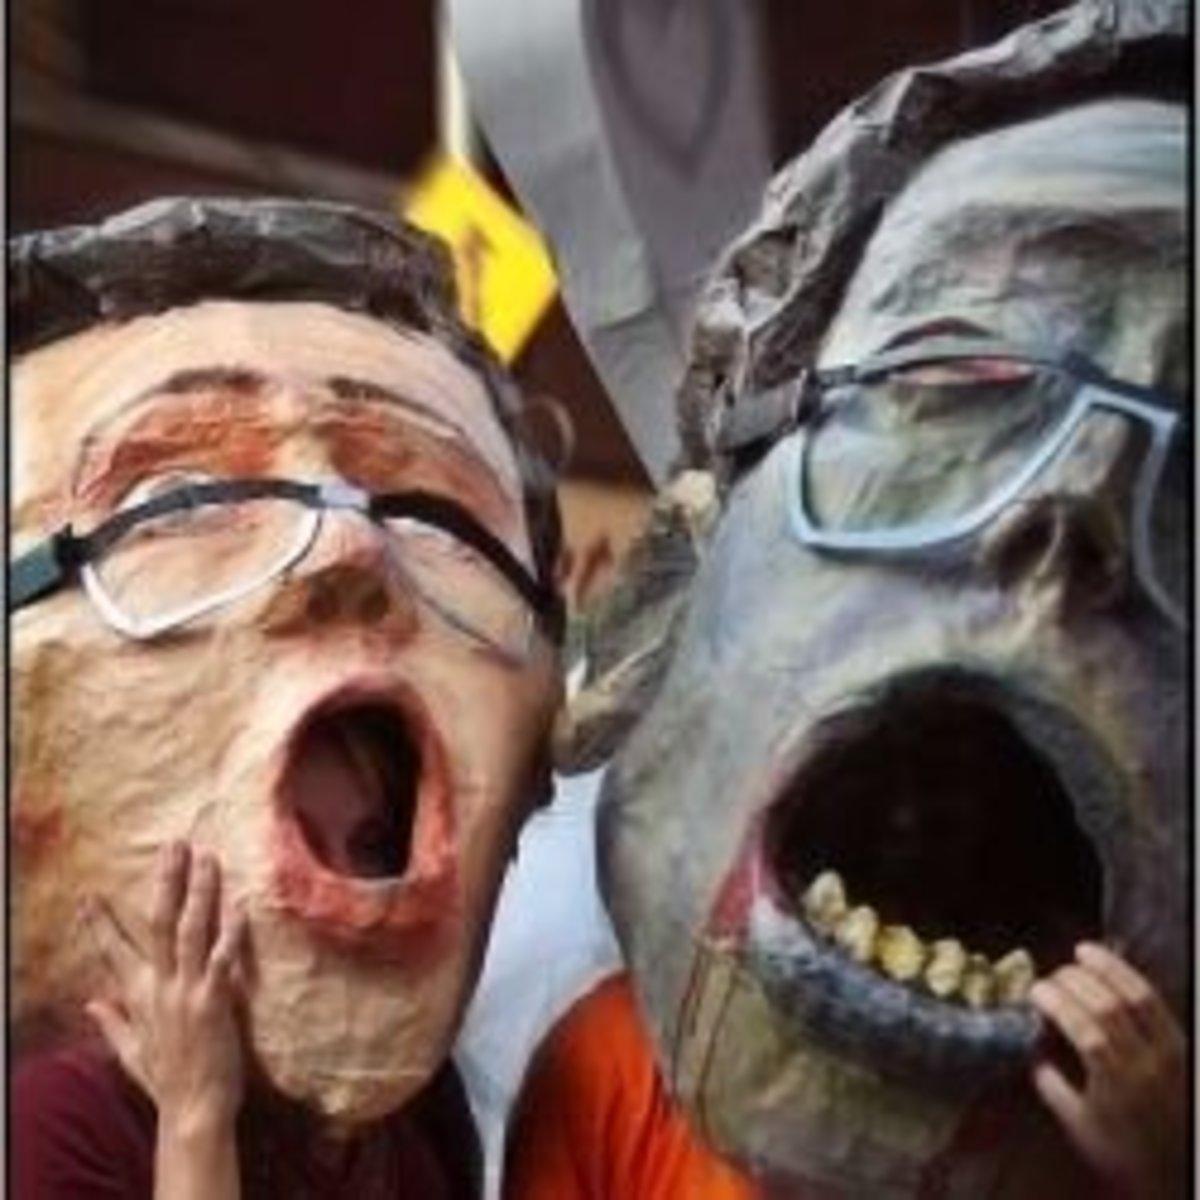 papier-mache-recipe-masks-projects-paper-sculpture-ideas